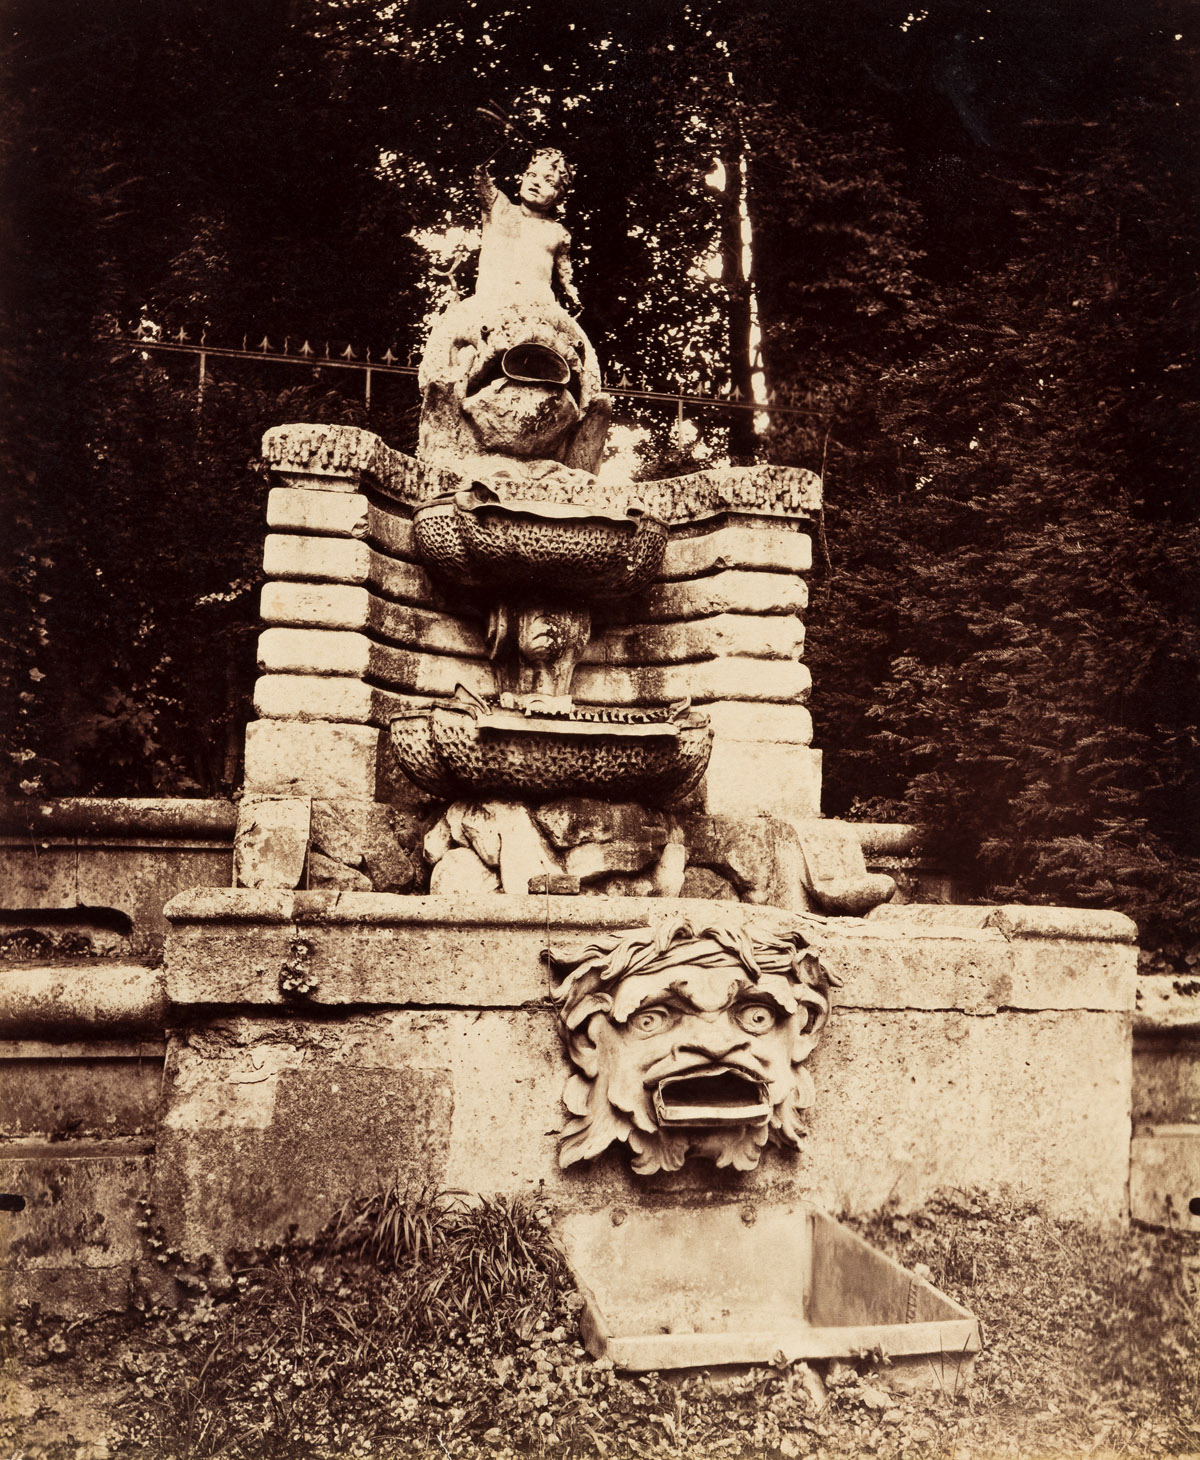 EUGÈNE ATGET (1857-1927) St. Cloud (cascade).